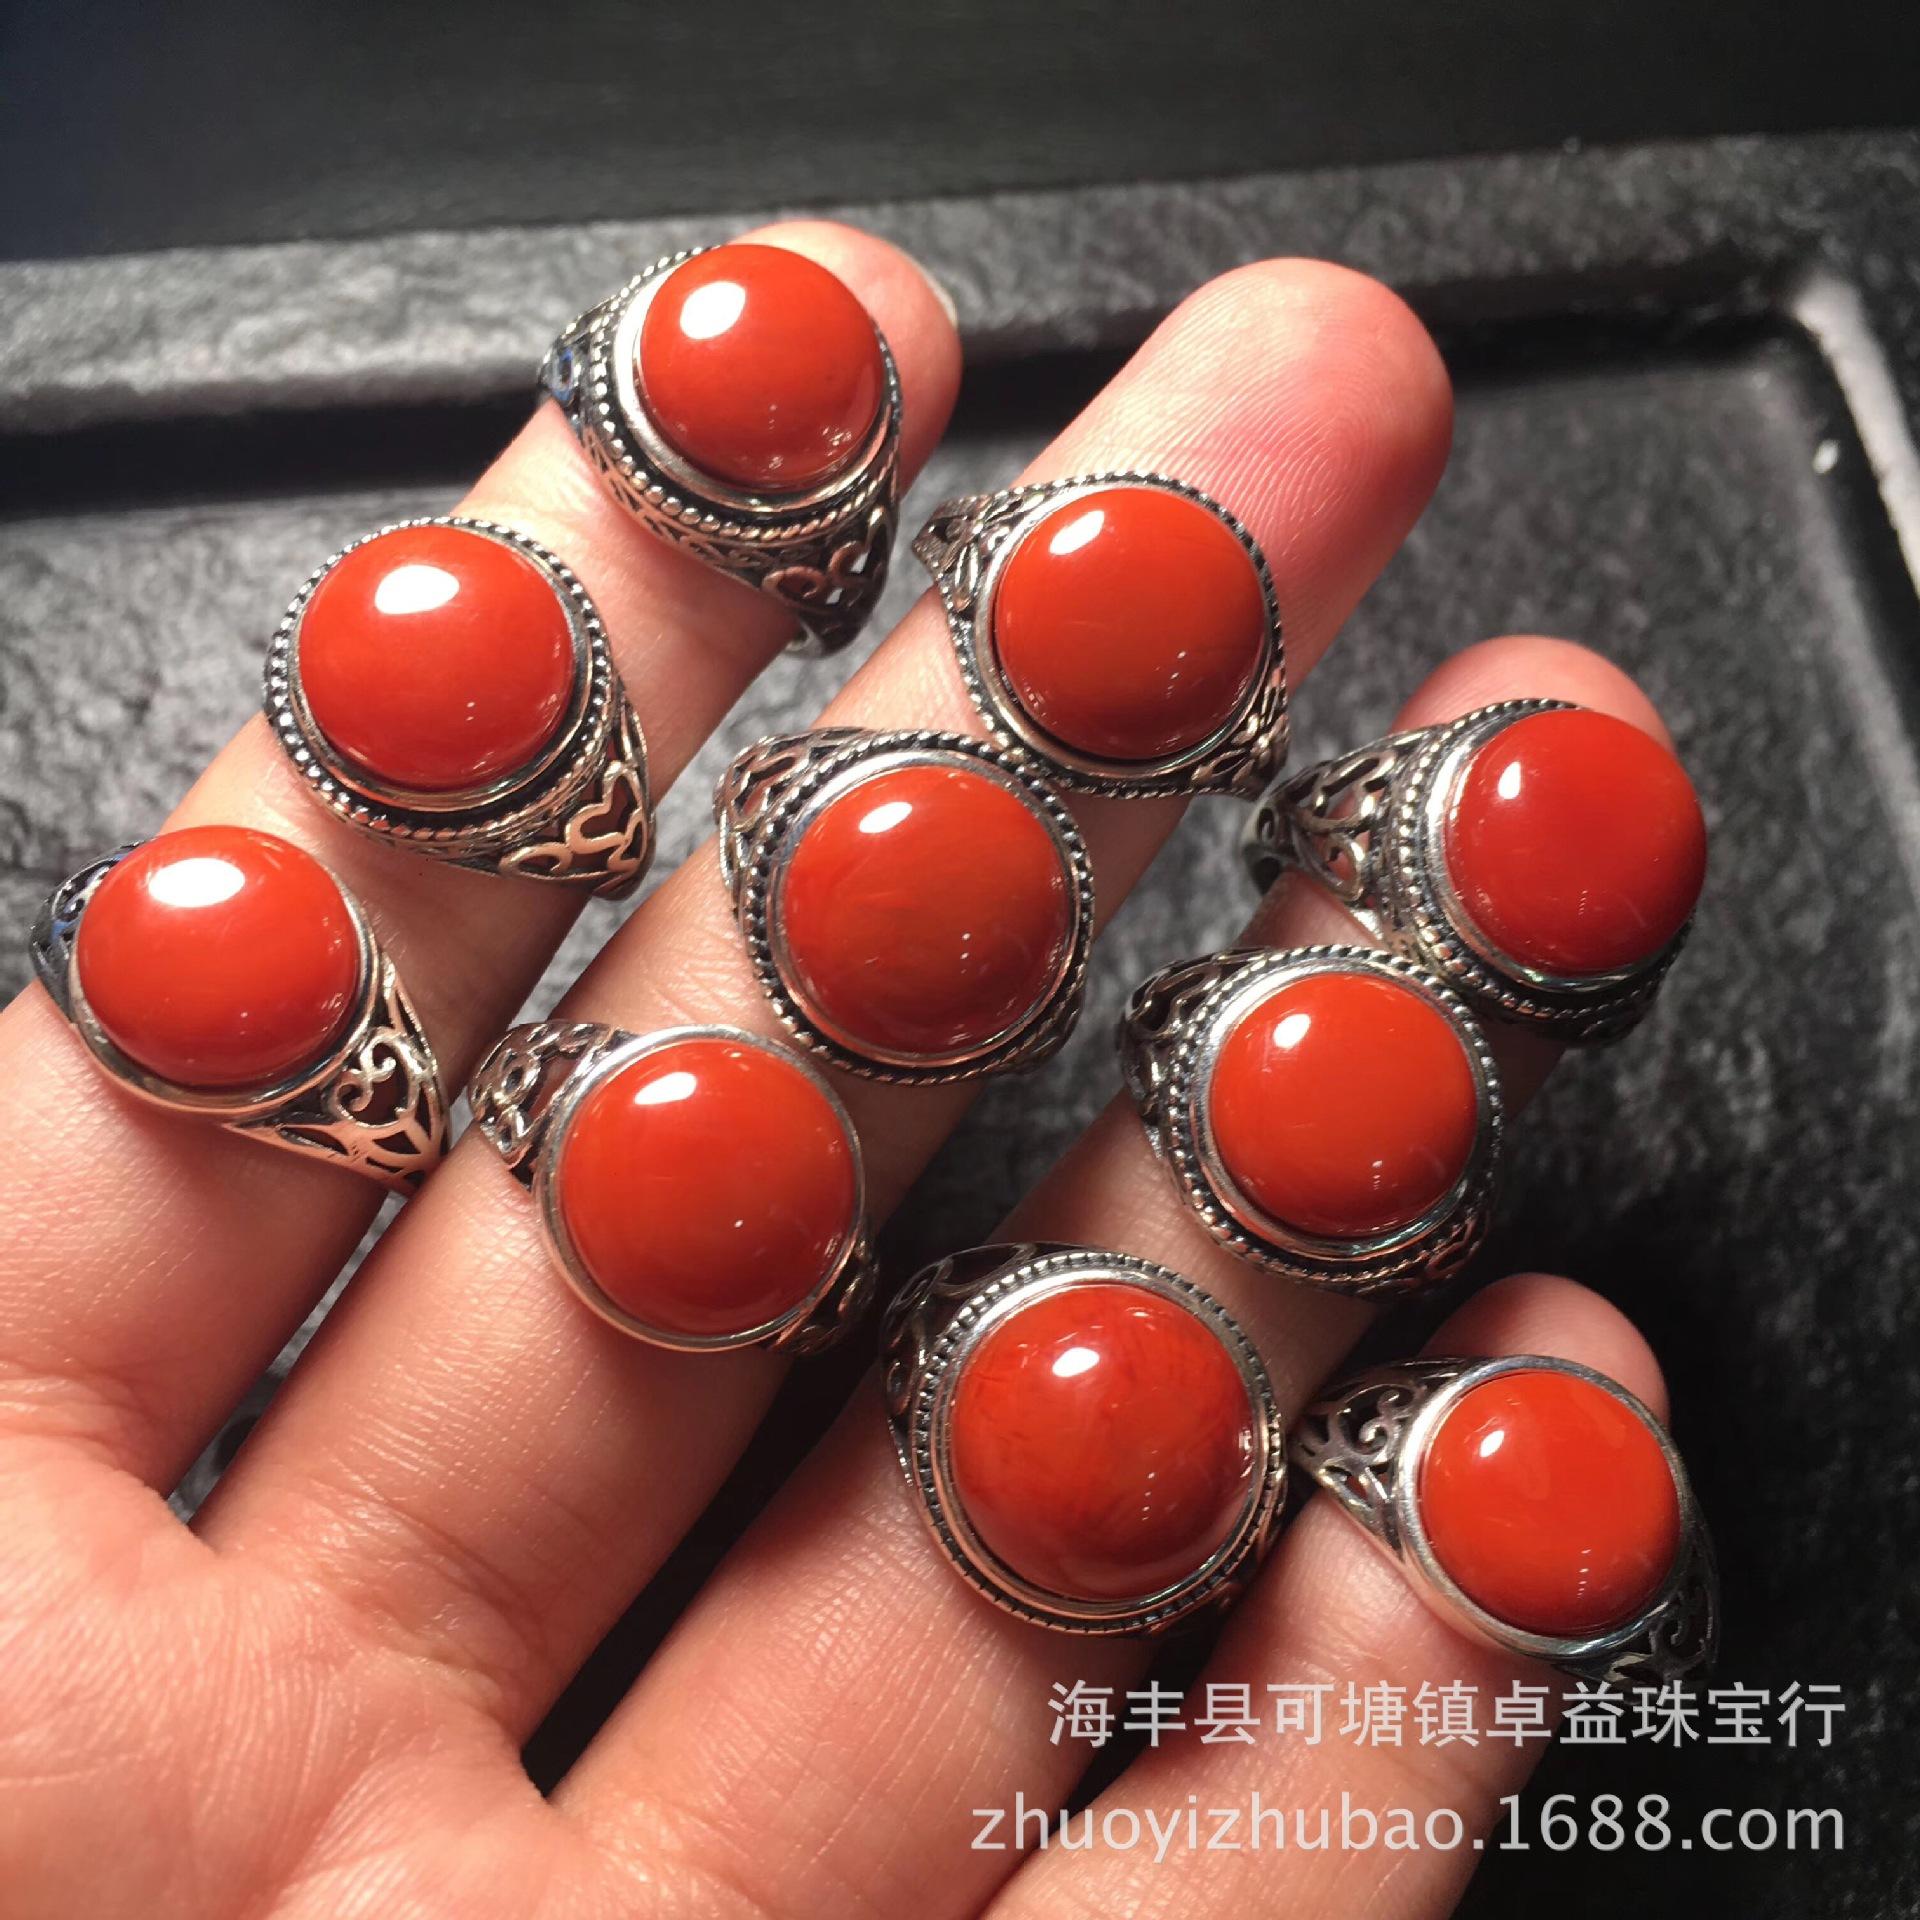 天然南红玛瑙 满色满肉川料柿子红镶嵌925银复古戒指 活口可调